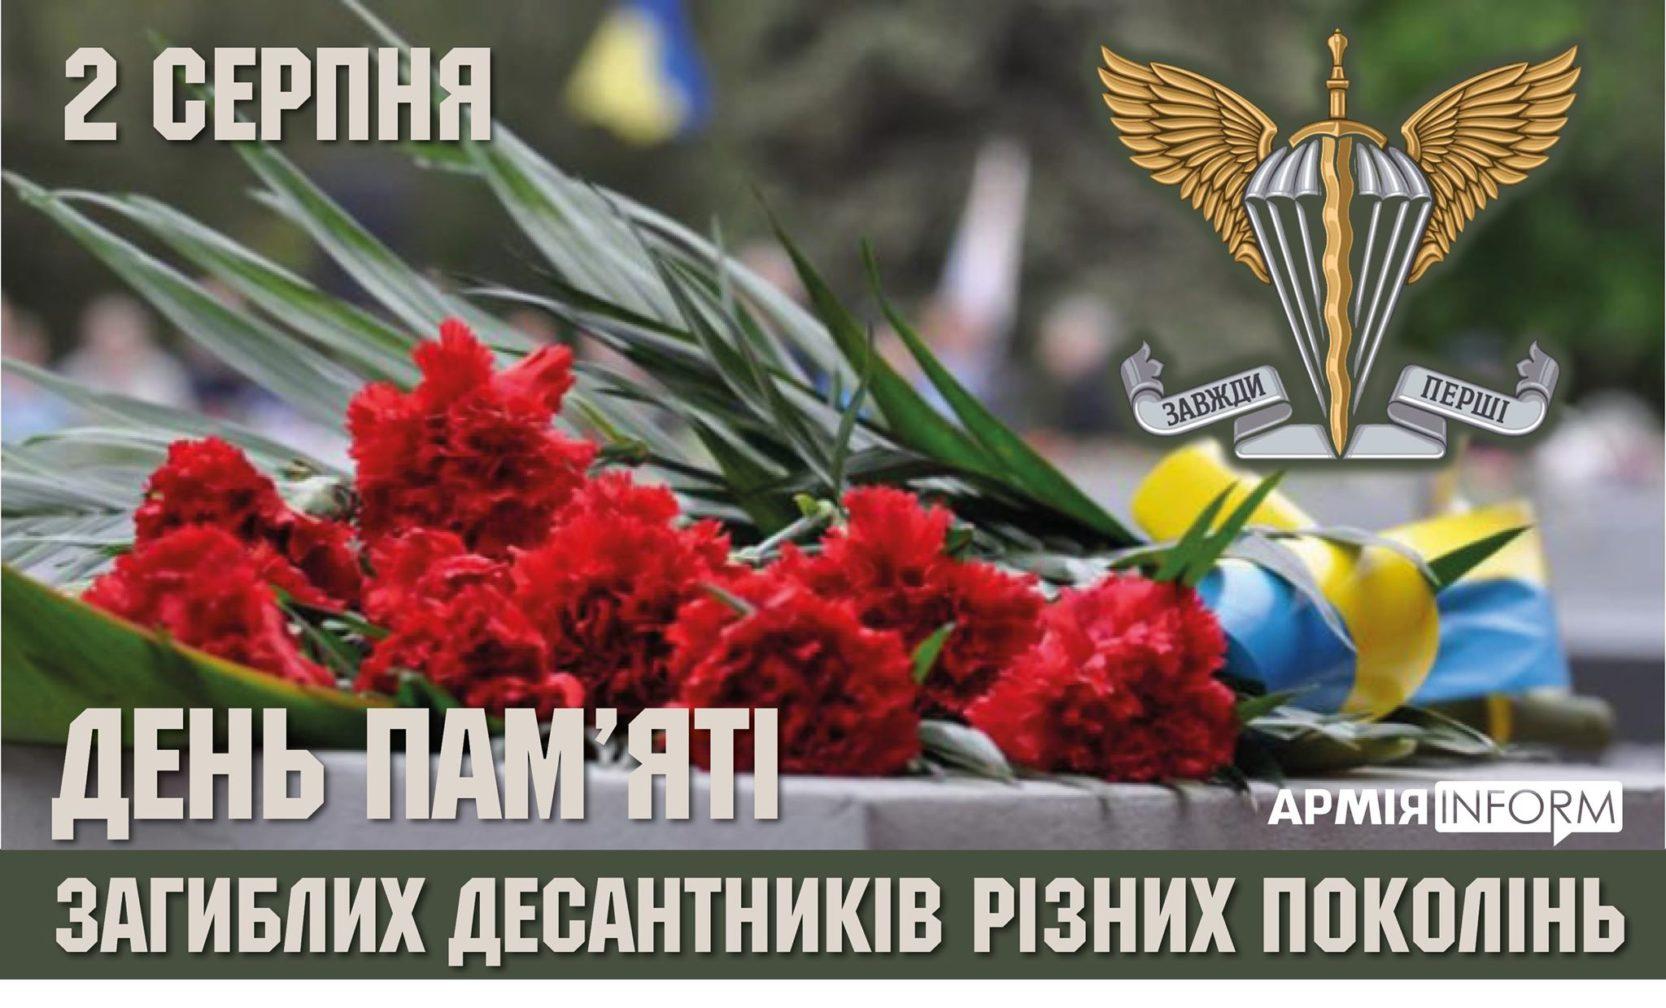 За роки війни на Сході загинуло понад 500 десантників, 6 отримали звання Героїв України посмертно